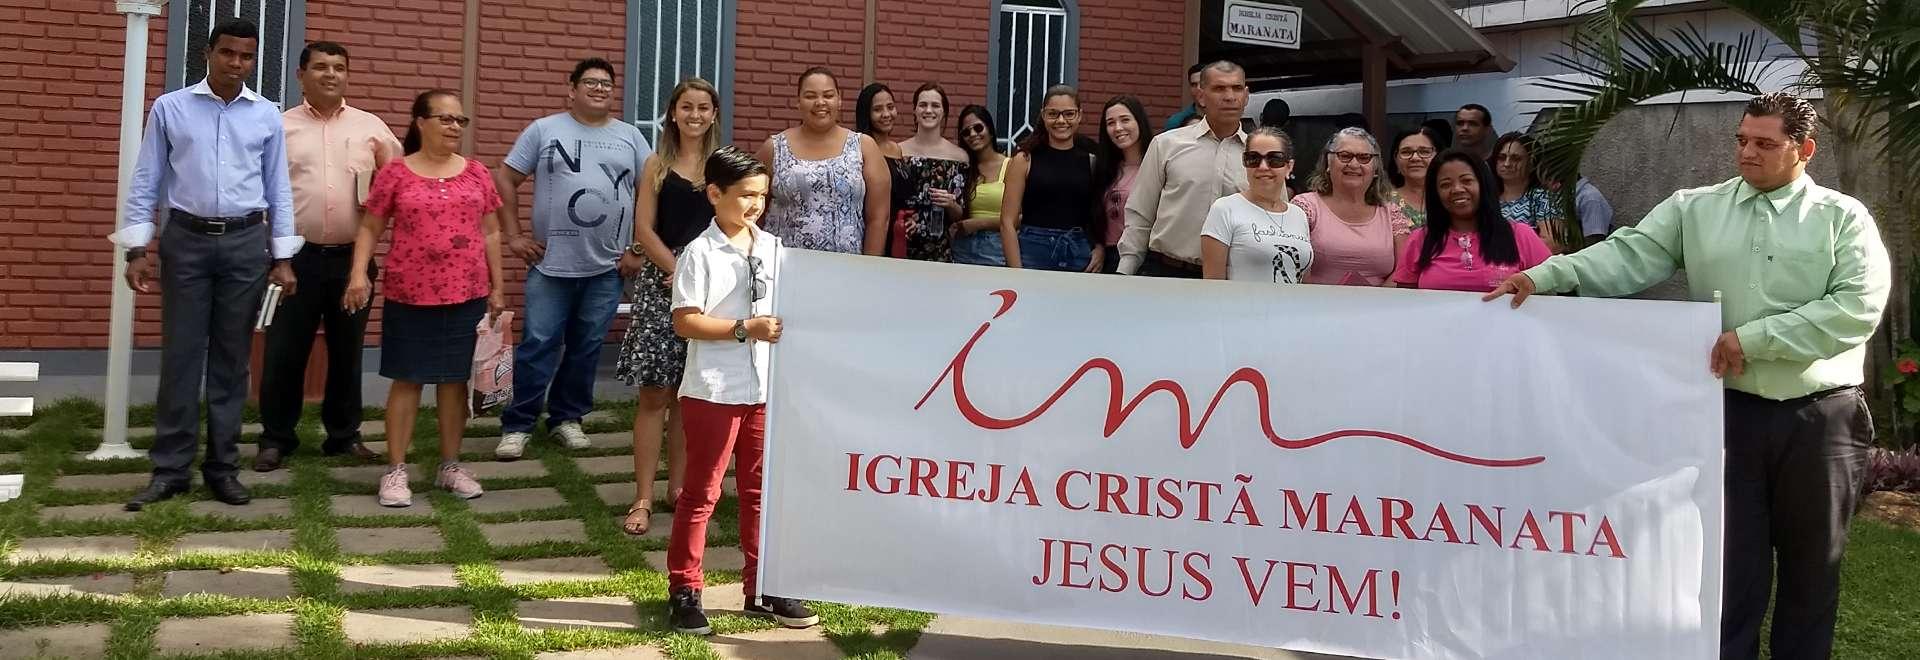 Evangelizações da Igreja Cristã Maranata em outubro de 2019